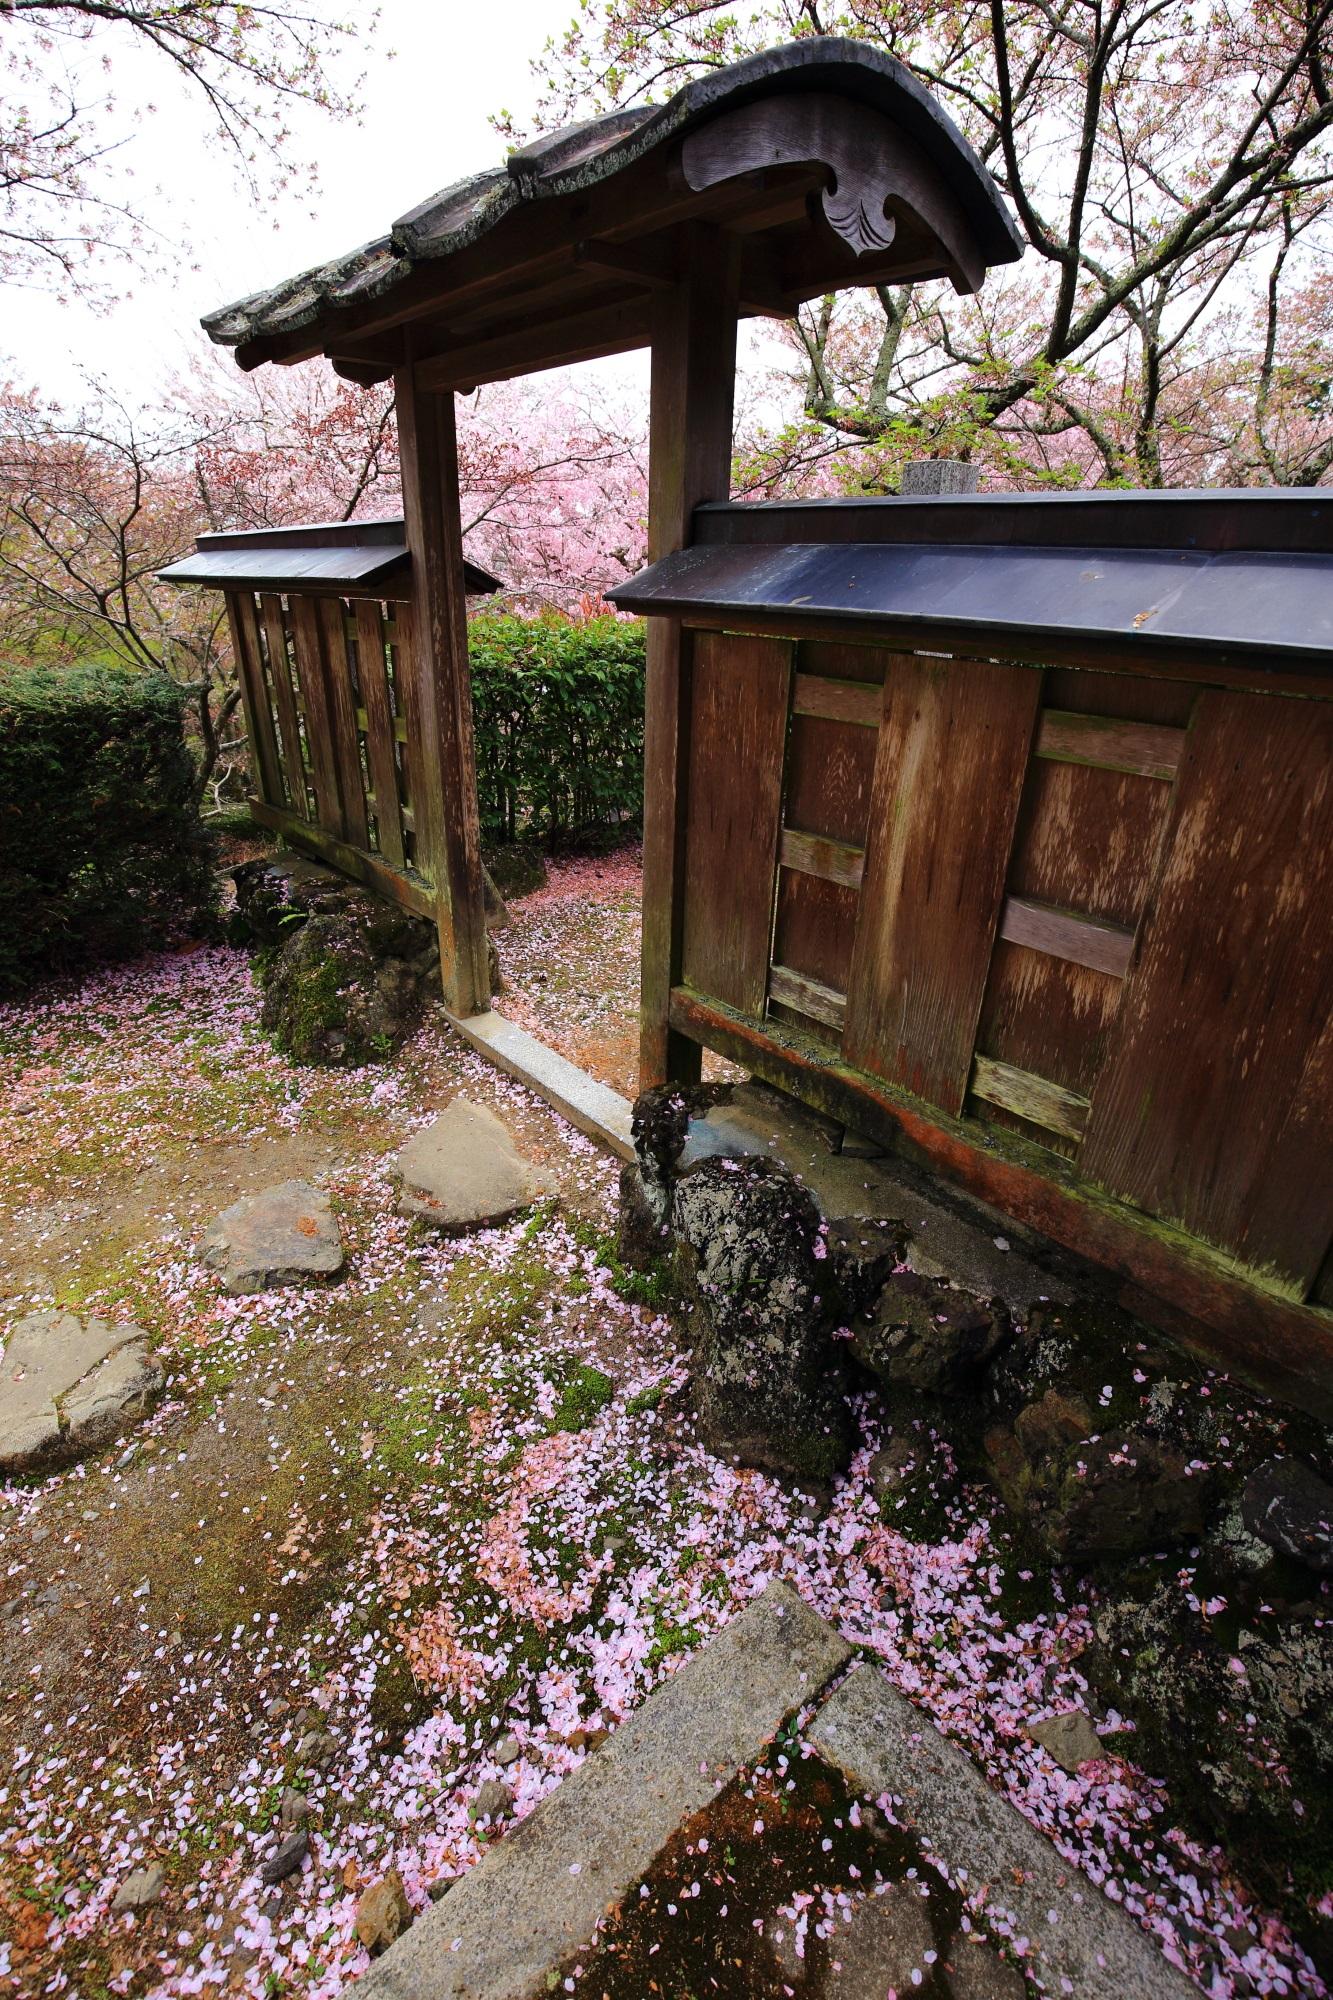 勝持寺の素晴らしいしだれ桜と散り桜